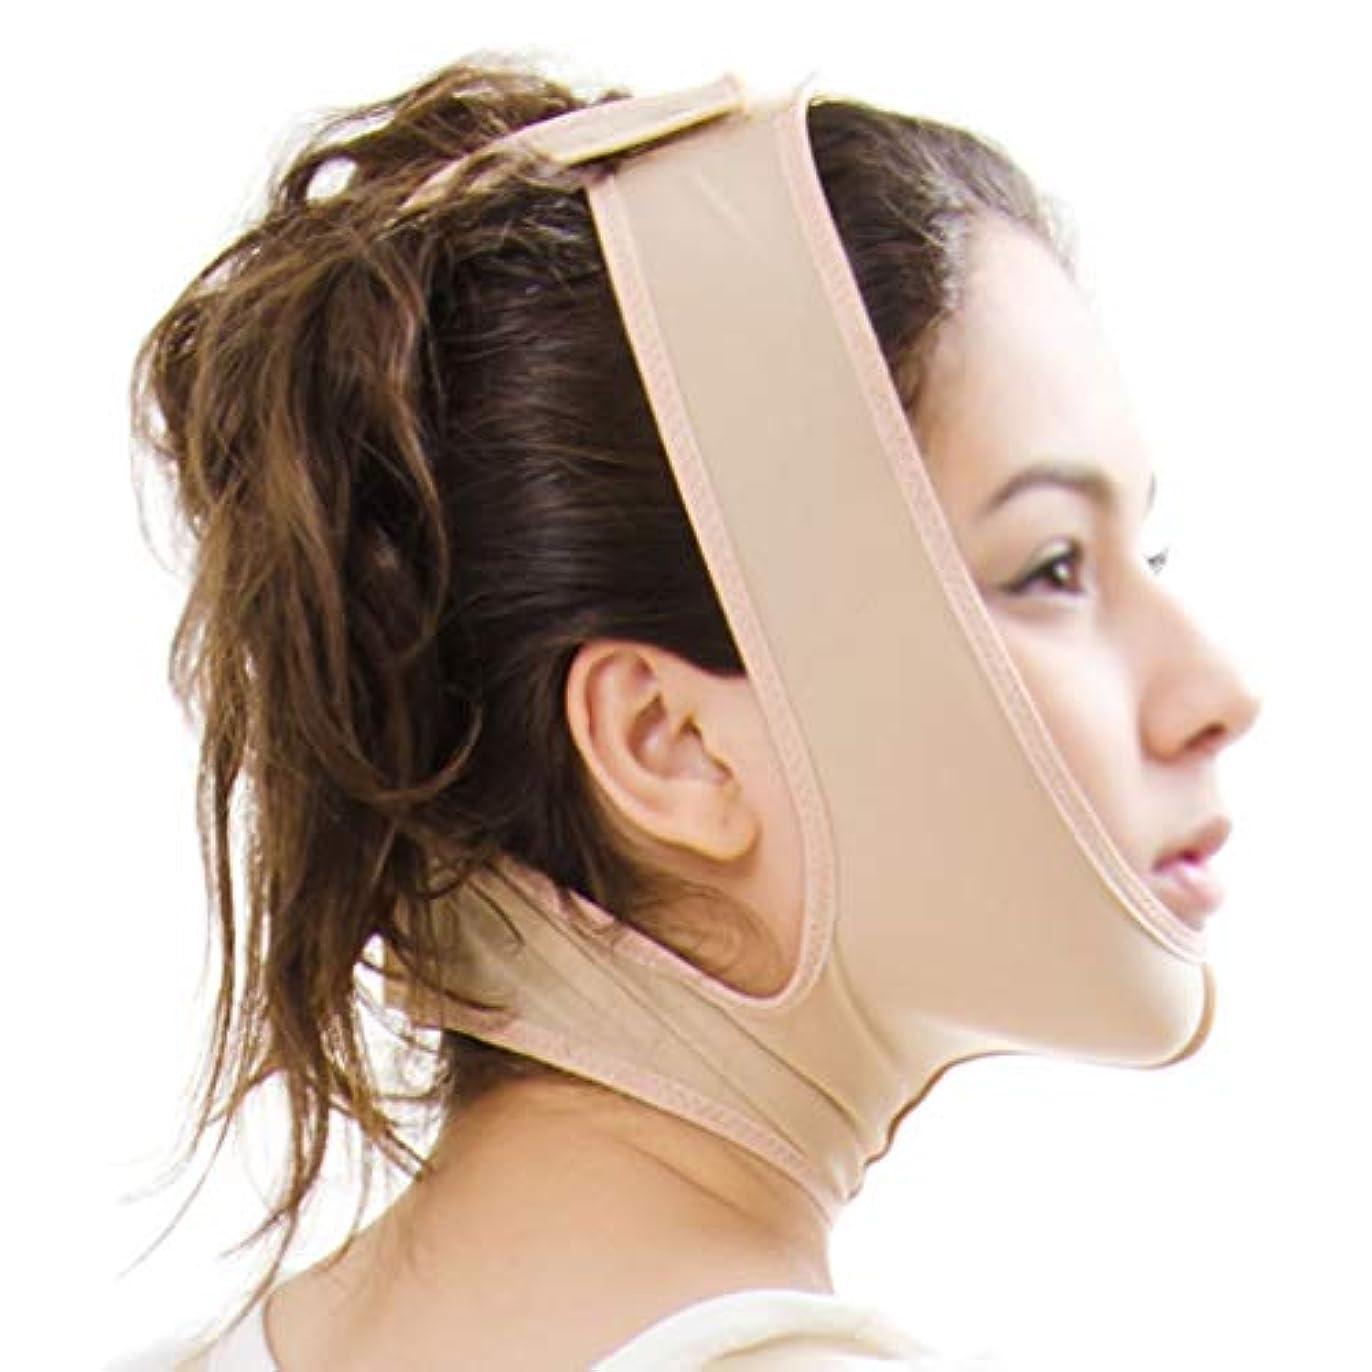 意外発明する間違いGLJJQMY 顔面リフティング包帯あごの首と首の二重あごの脂肪吸引術後創傷マスク 顔用整形マスク (Size : S)